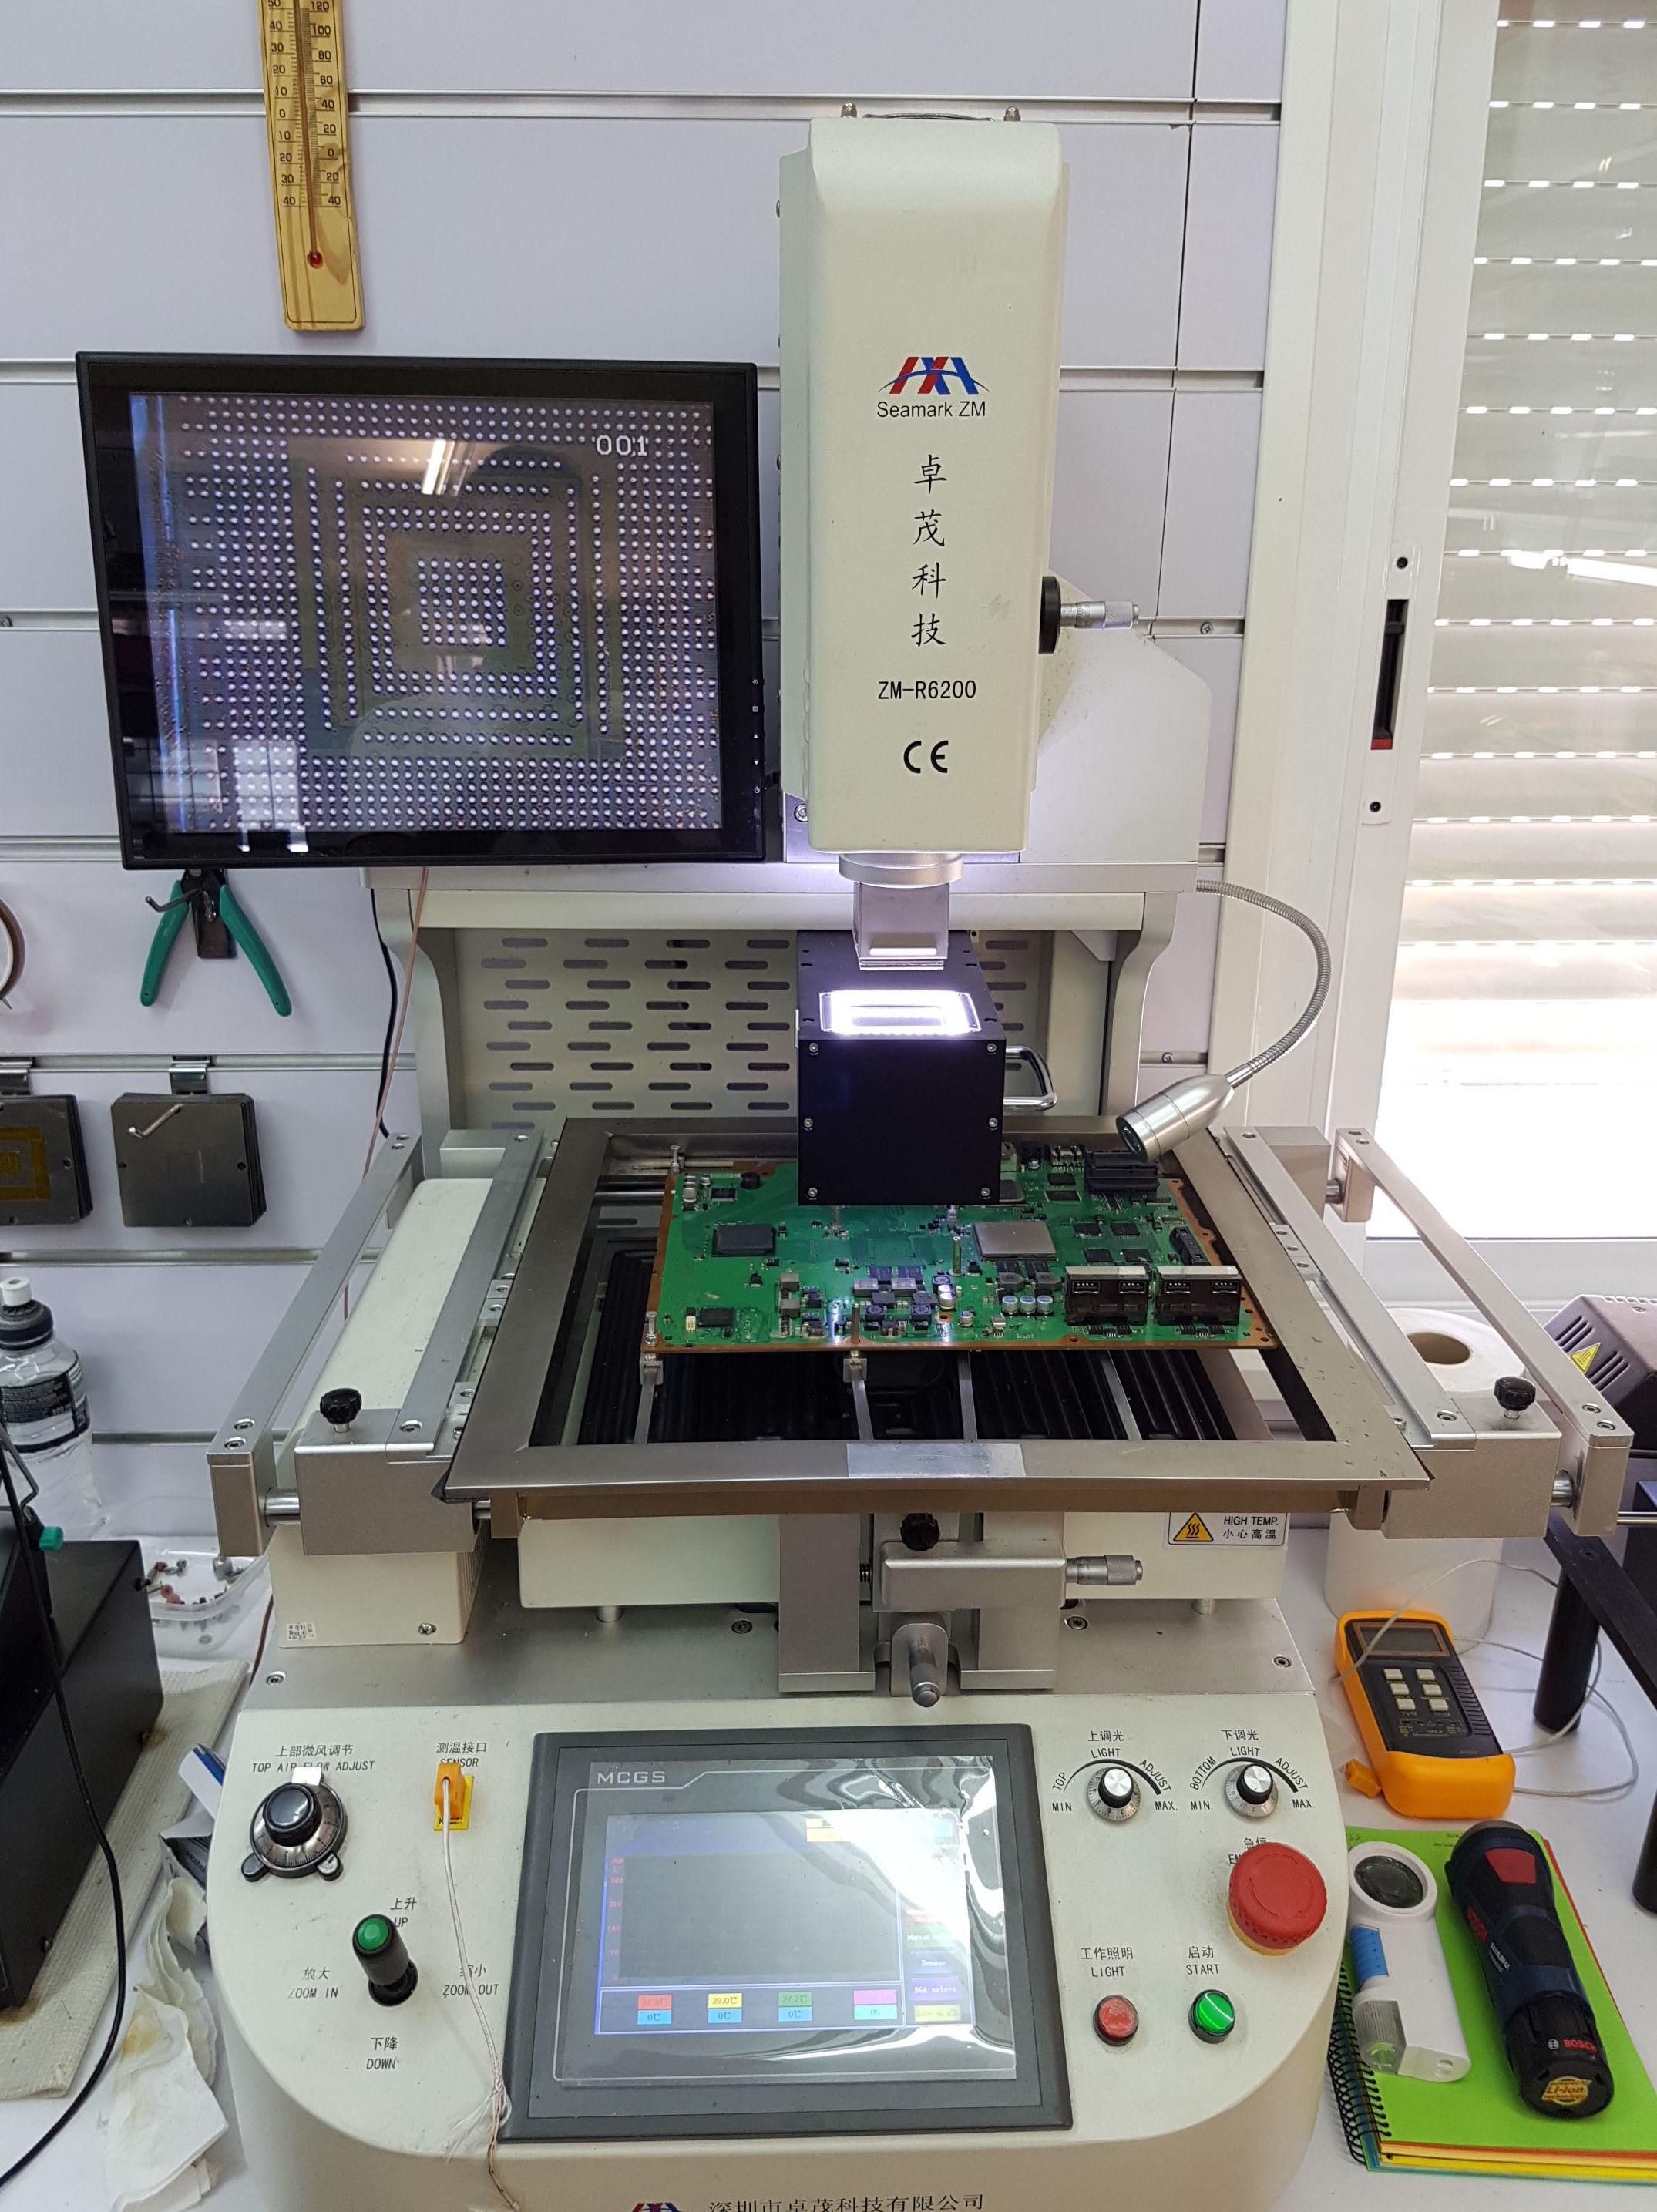 Reballing portatiles con maquin profesuinal con posicionador zm-r6200